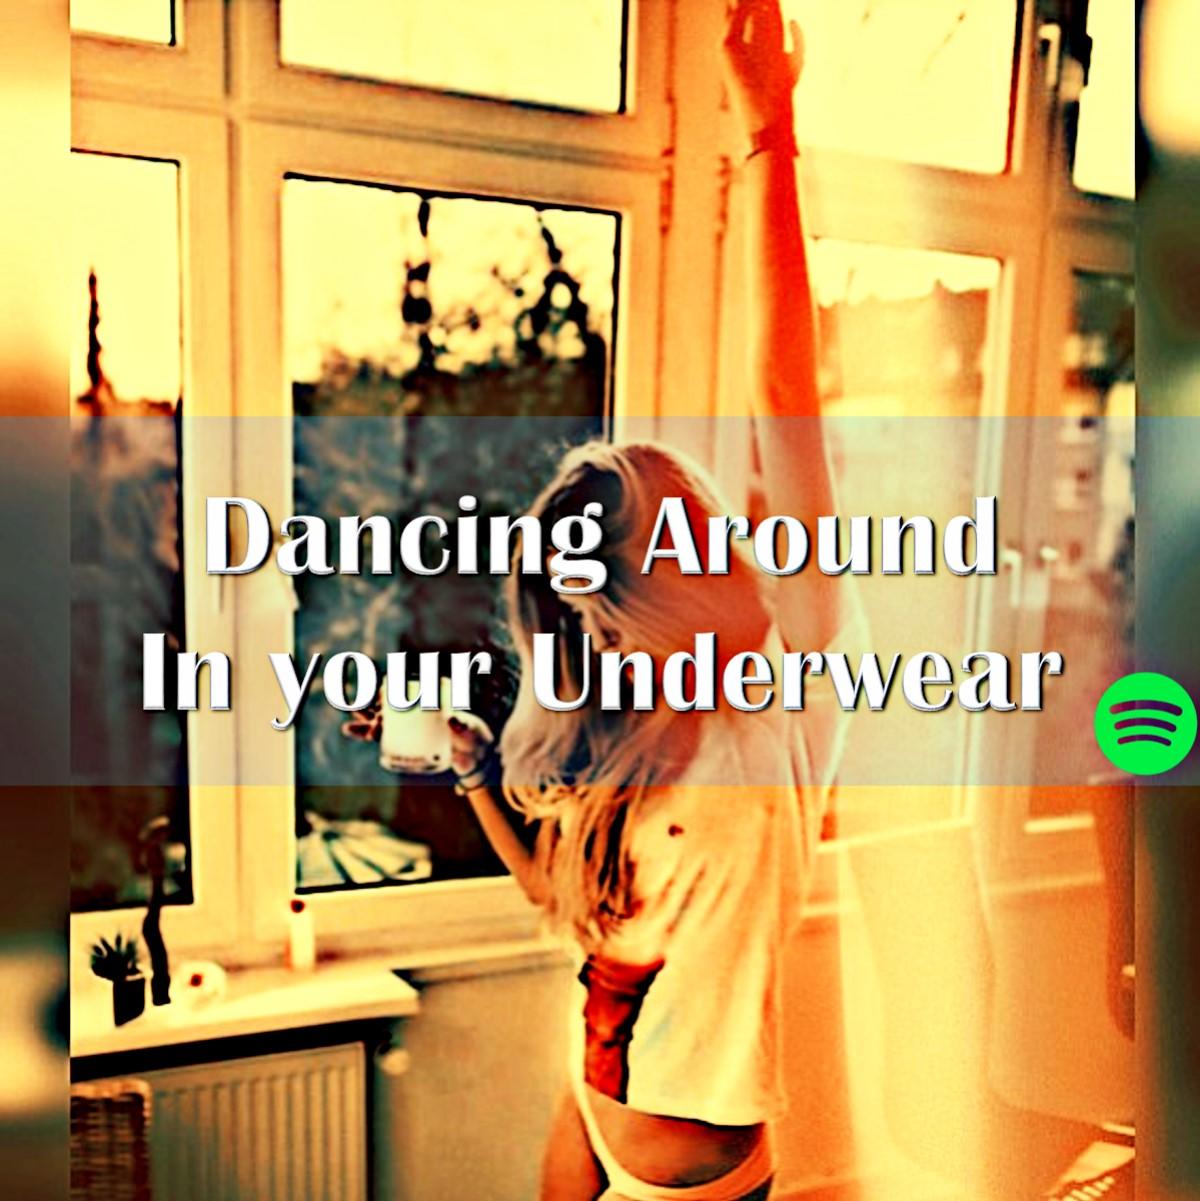 Dancing Around in Your Underwear.jpeg